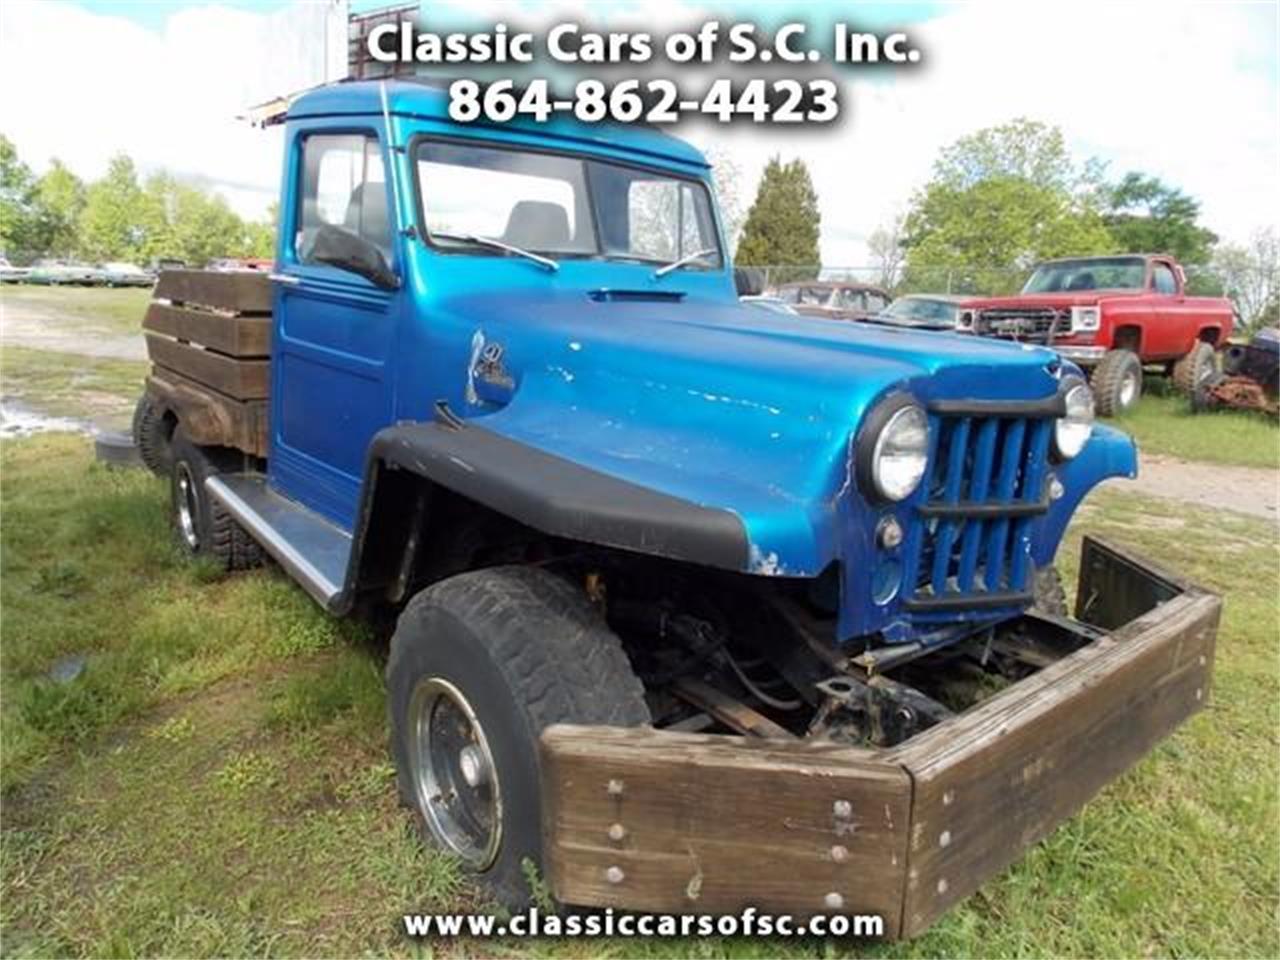 Jeep Willys For Sale >> 1955 Jeep Willys For Sale Classiccars Com Cc 1066248